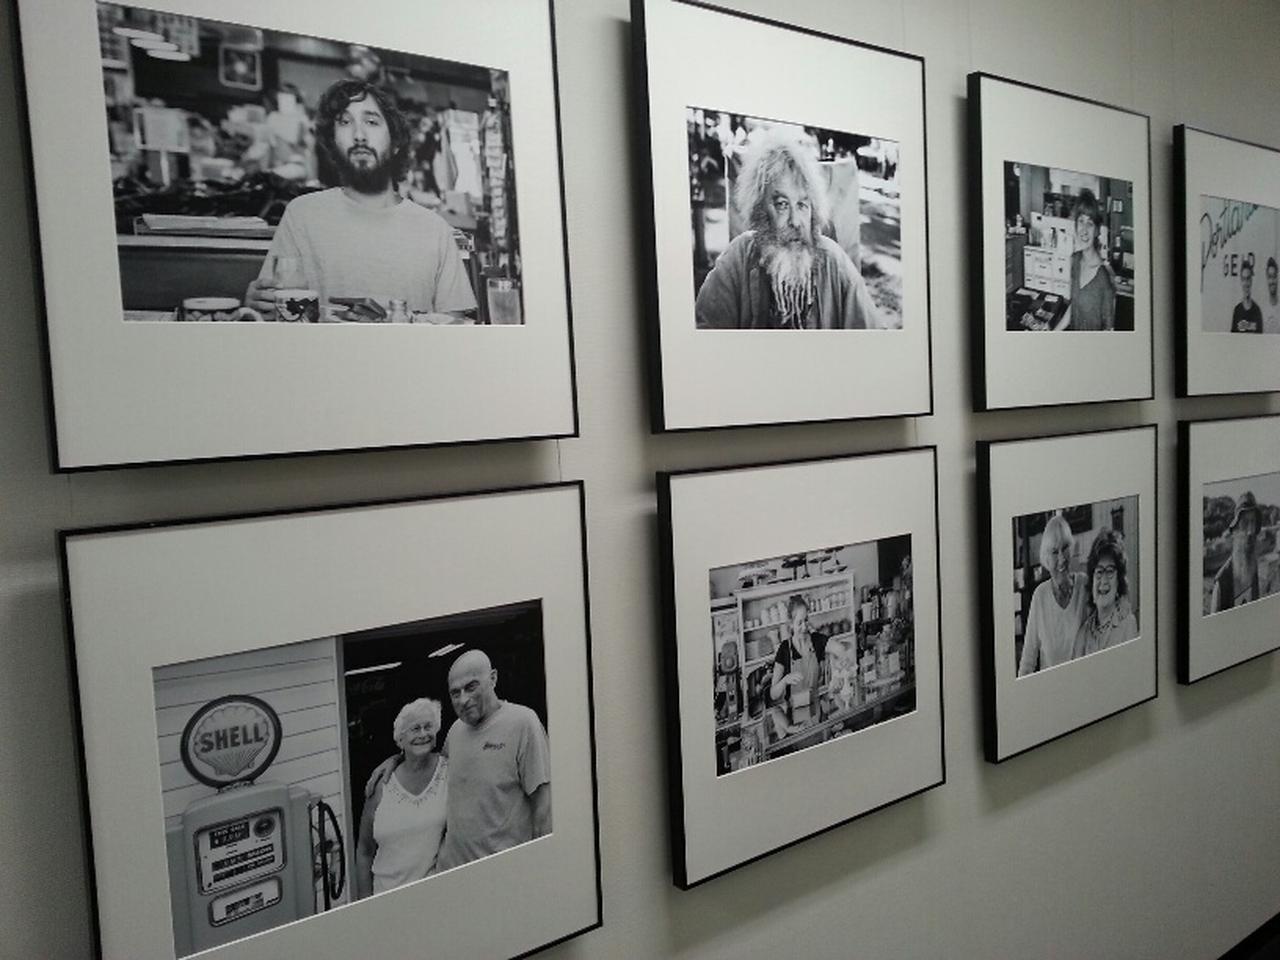 画像: 増田 雄彦 作品展「BACK 2 HOME」が開催中 EIZO ガレリア 銀座で10月28日(土)まで